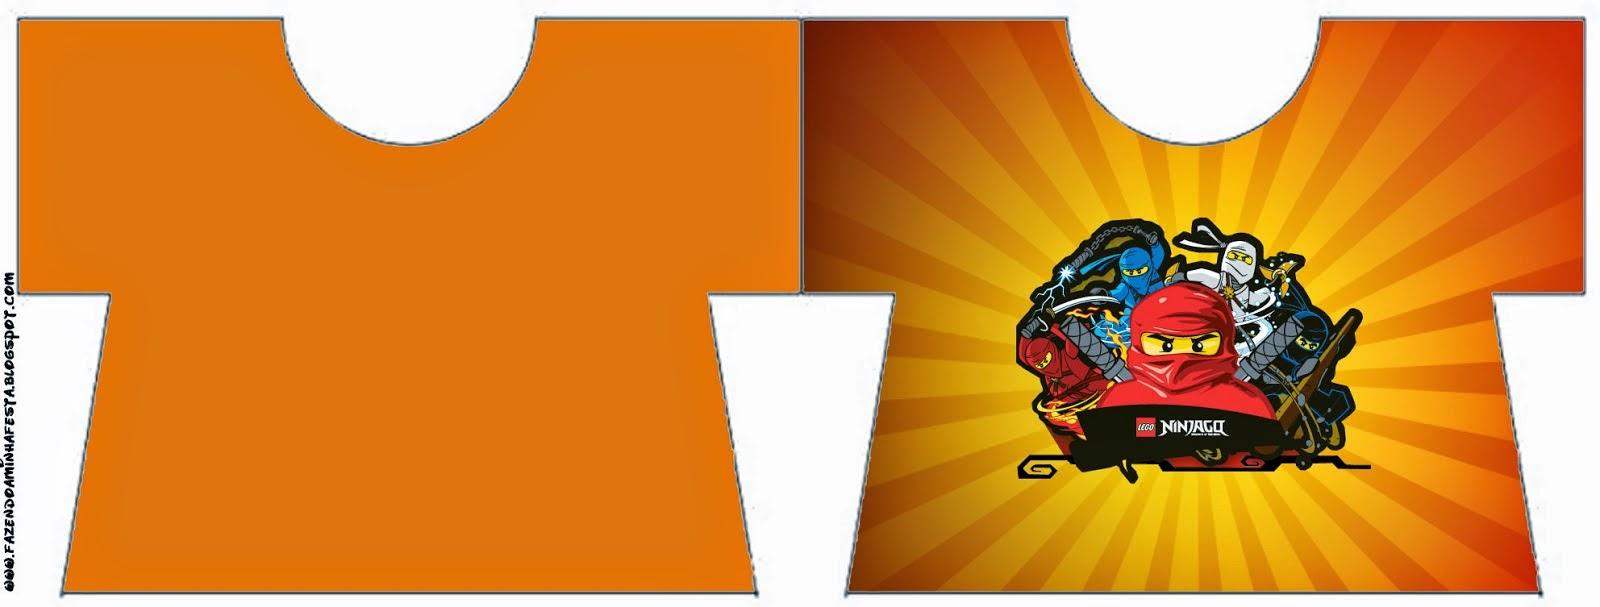 Tarjeta con forma de camisa de Ninjago.